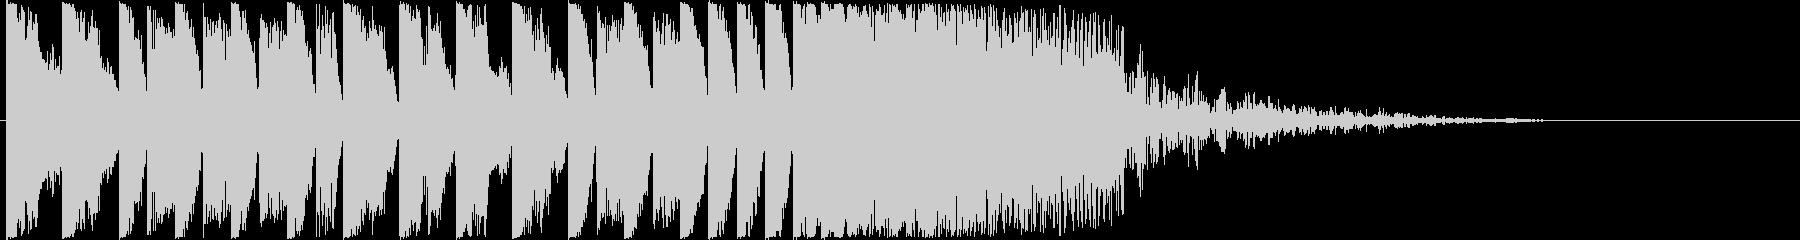 15秒のかっこいいEDMジングルの未再生の波形